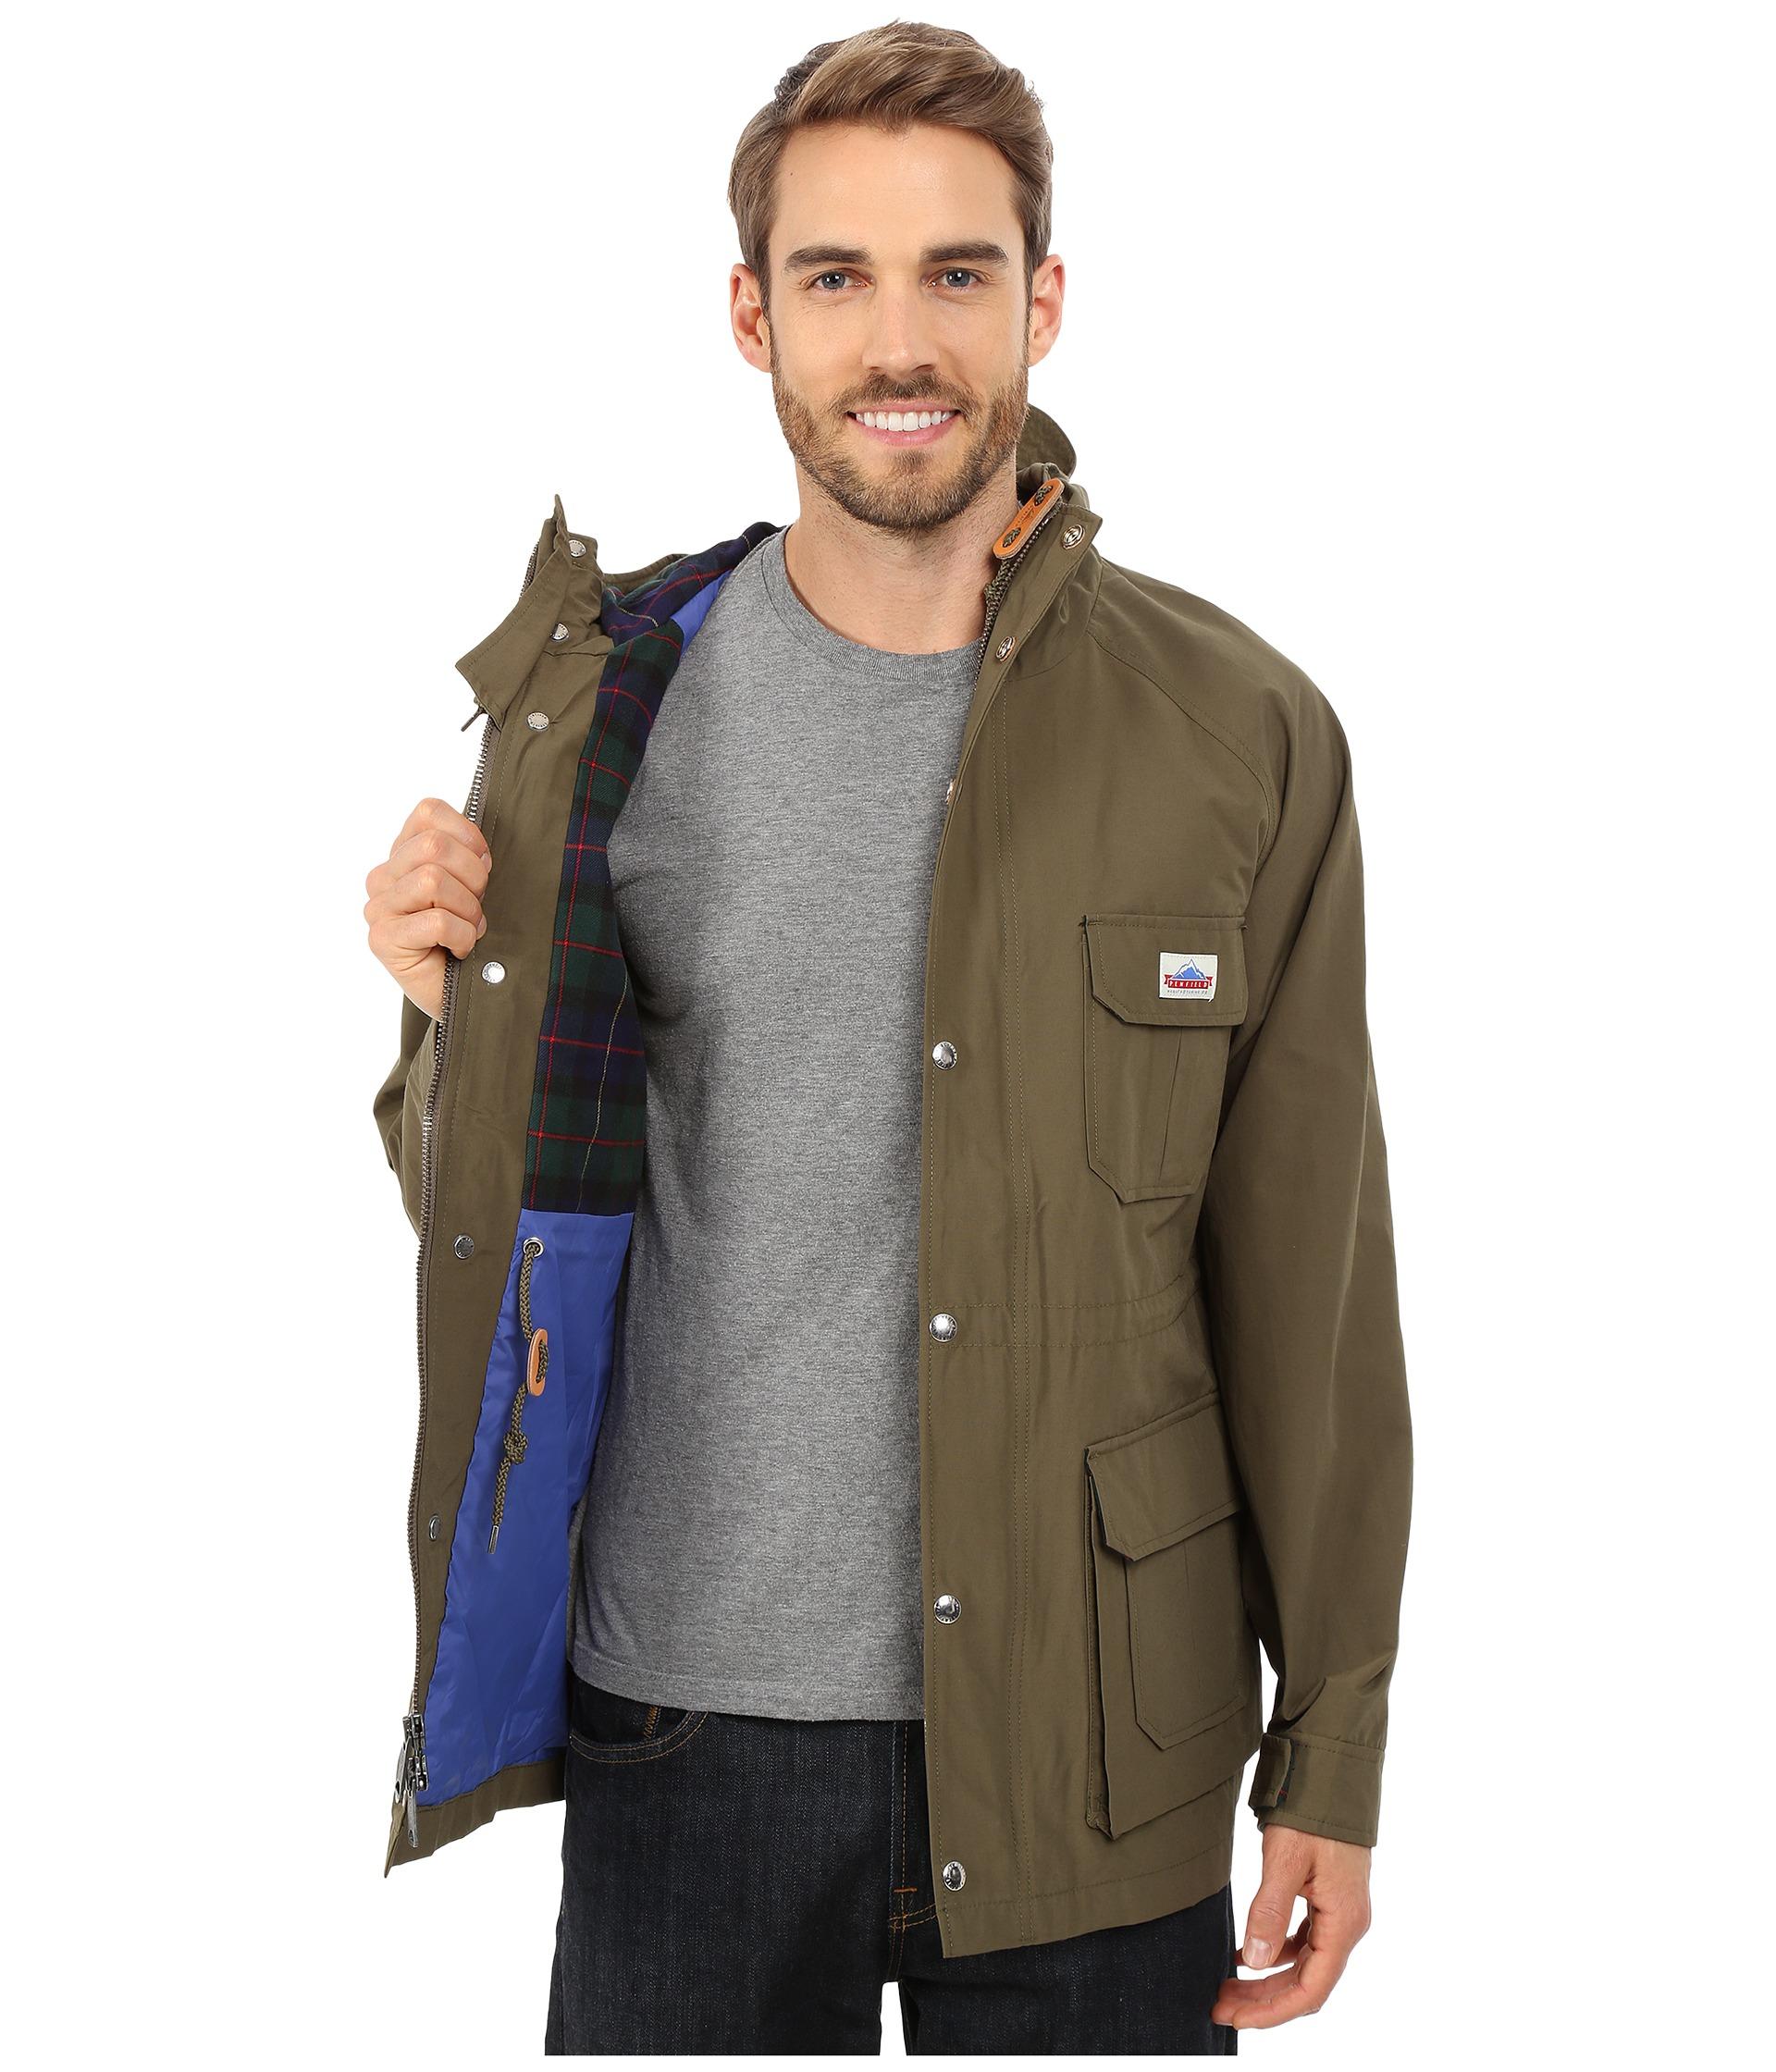 Penfield kasson mountain parka jacket